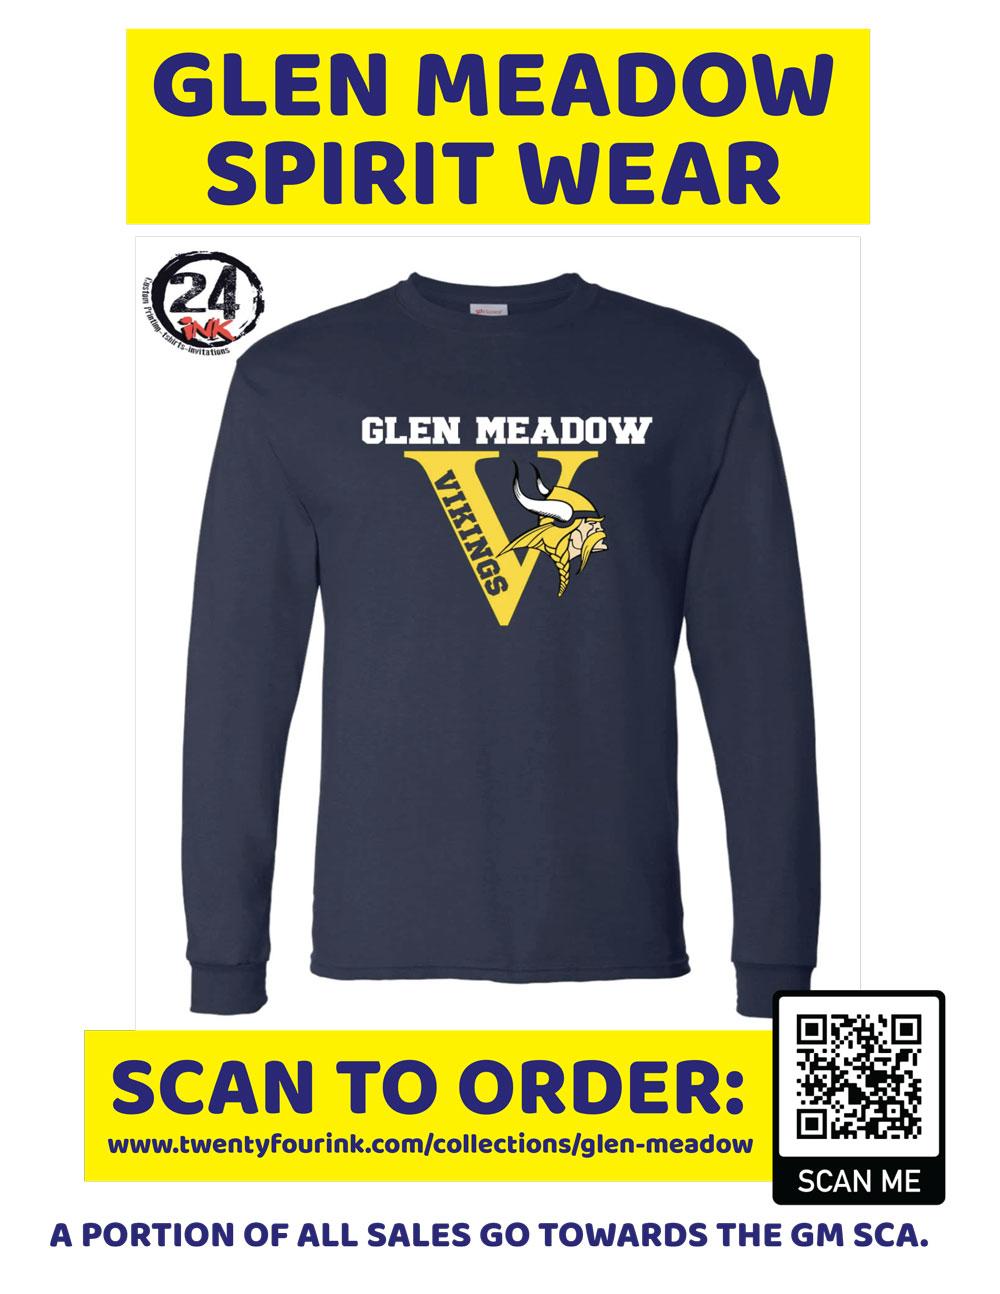 gm-spirit-wear